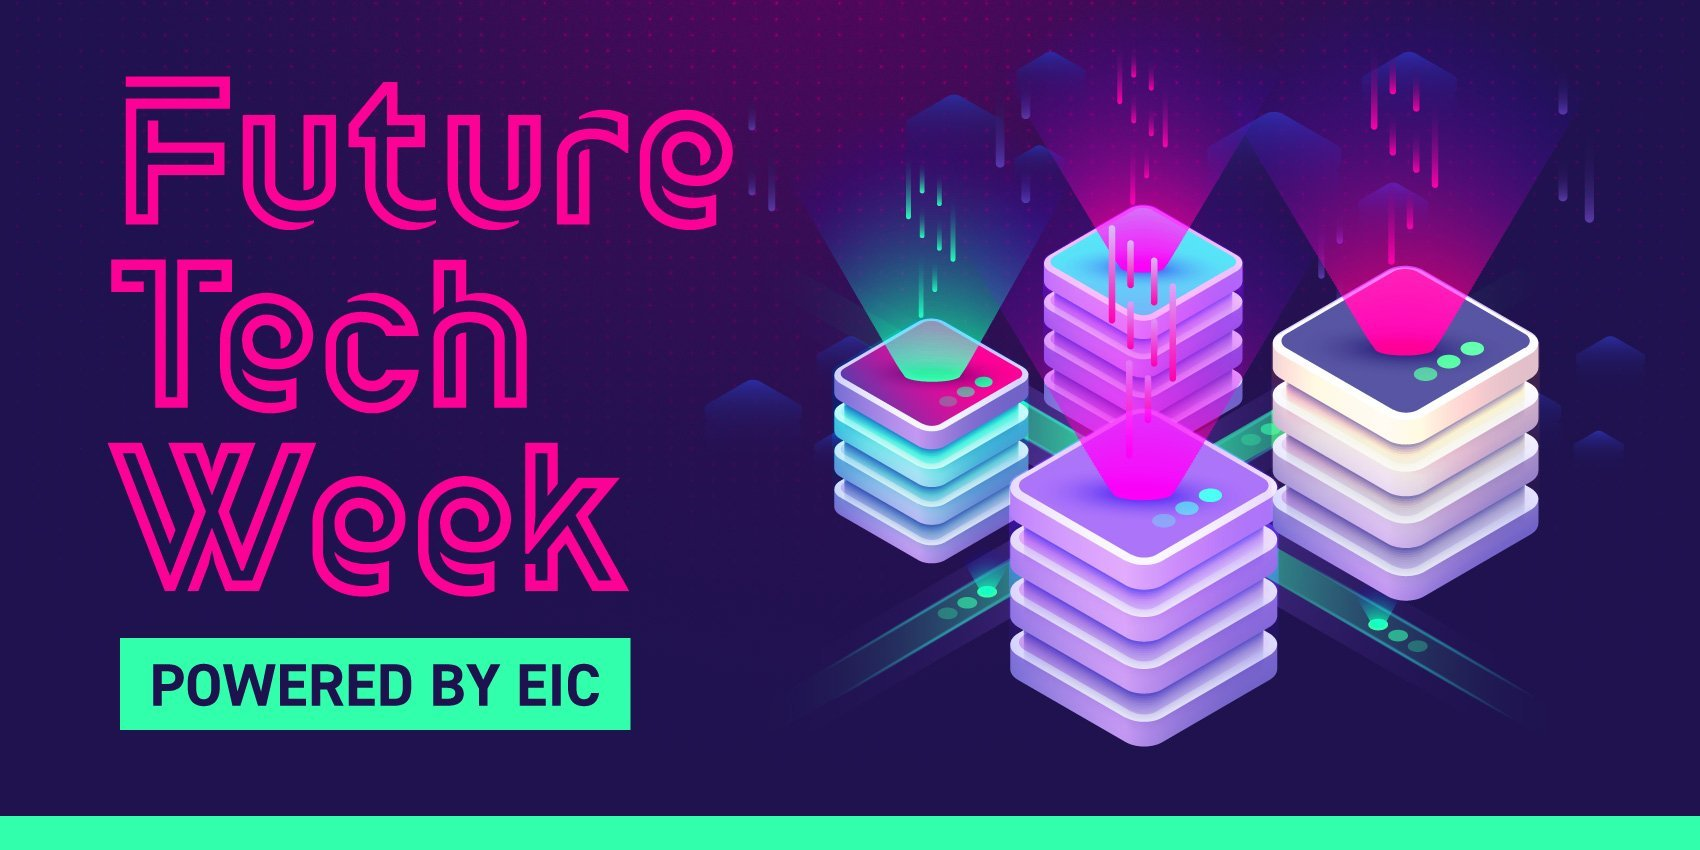 Future Tech Week 2019 - WeNet